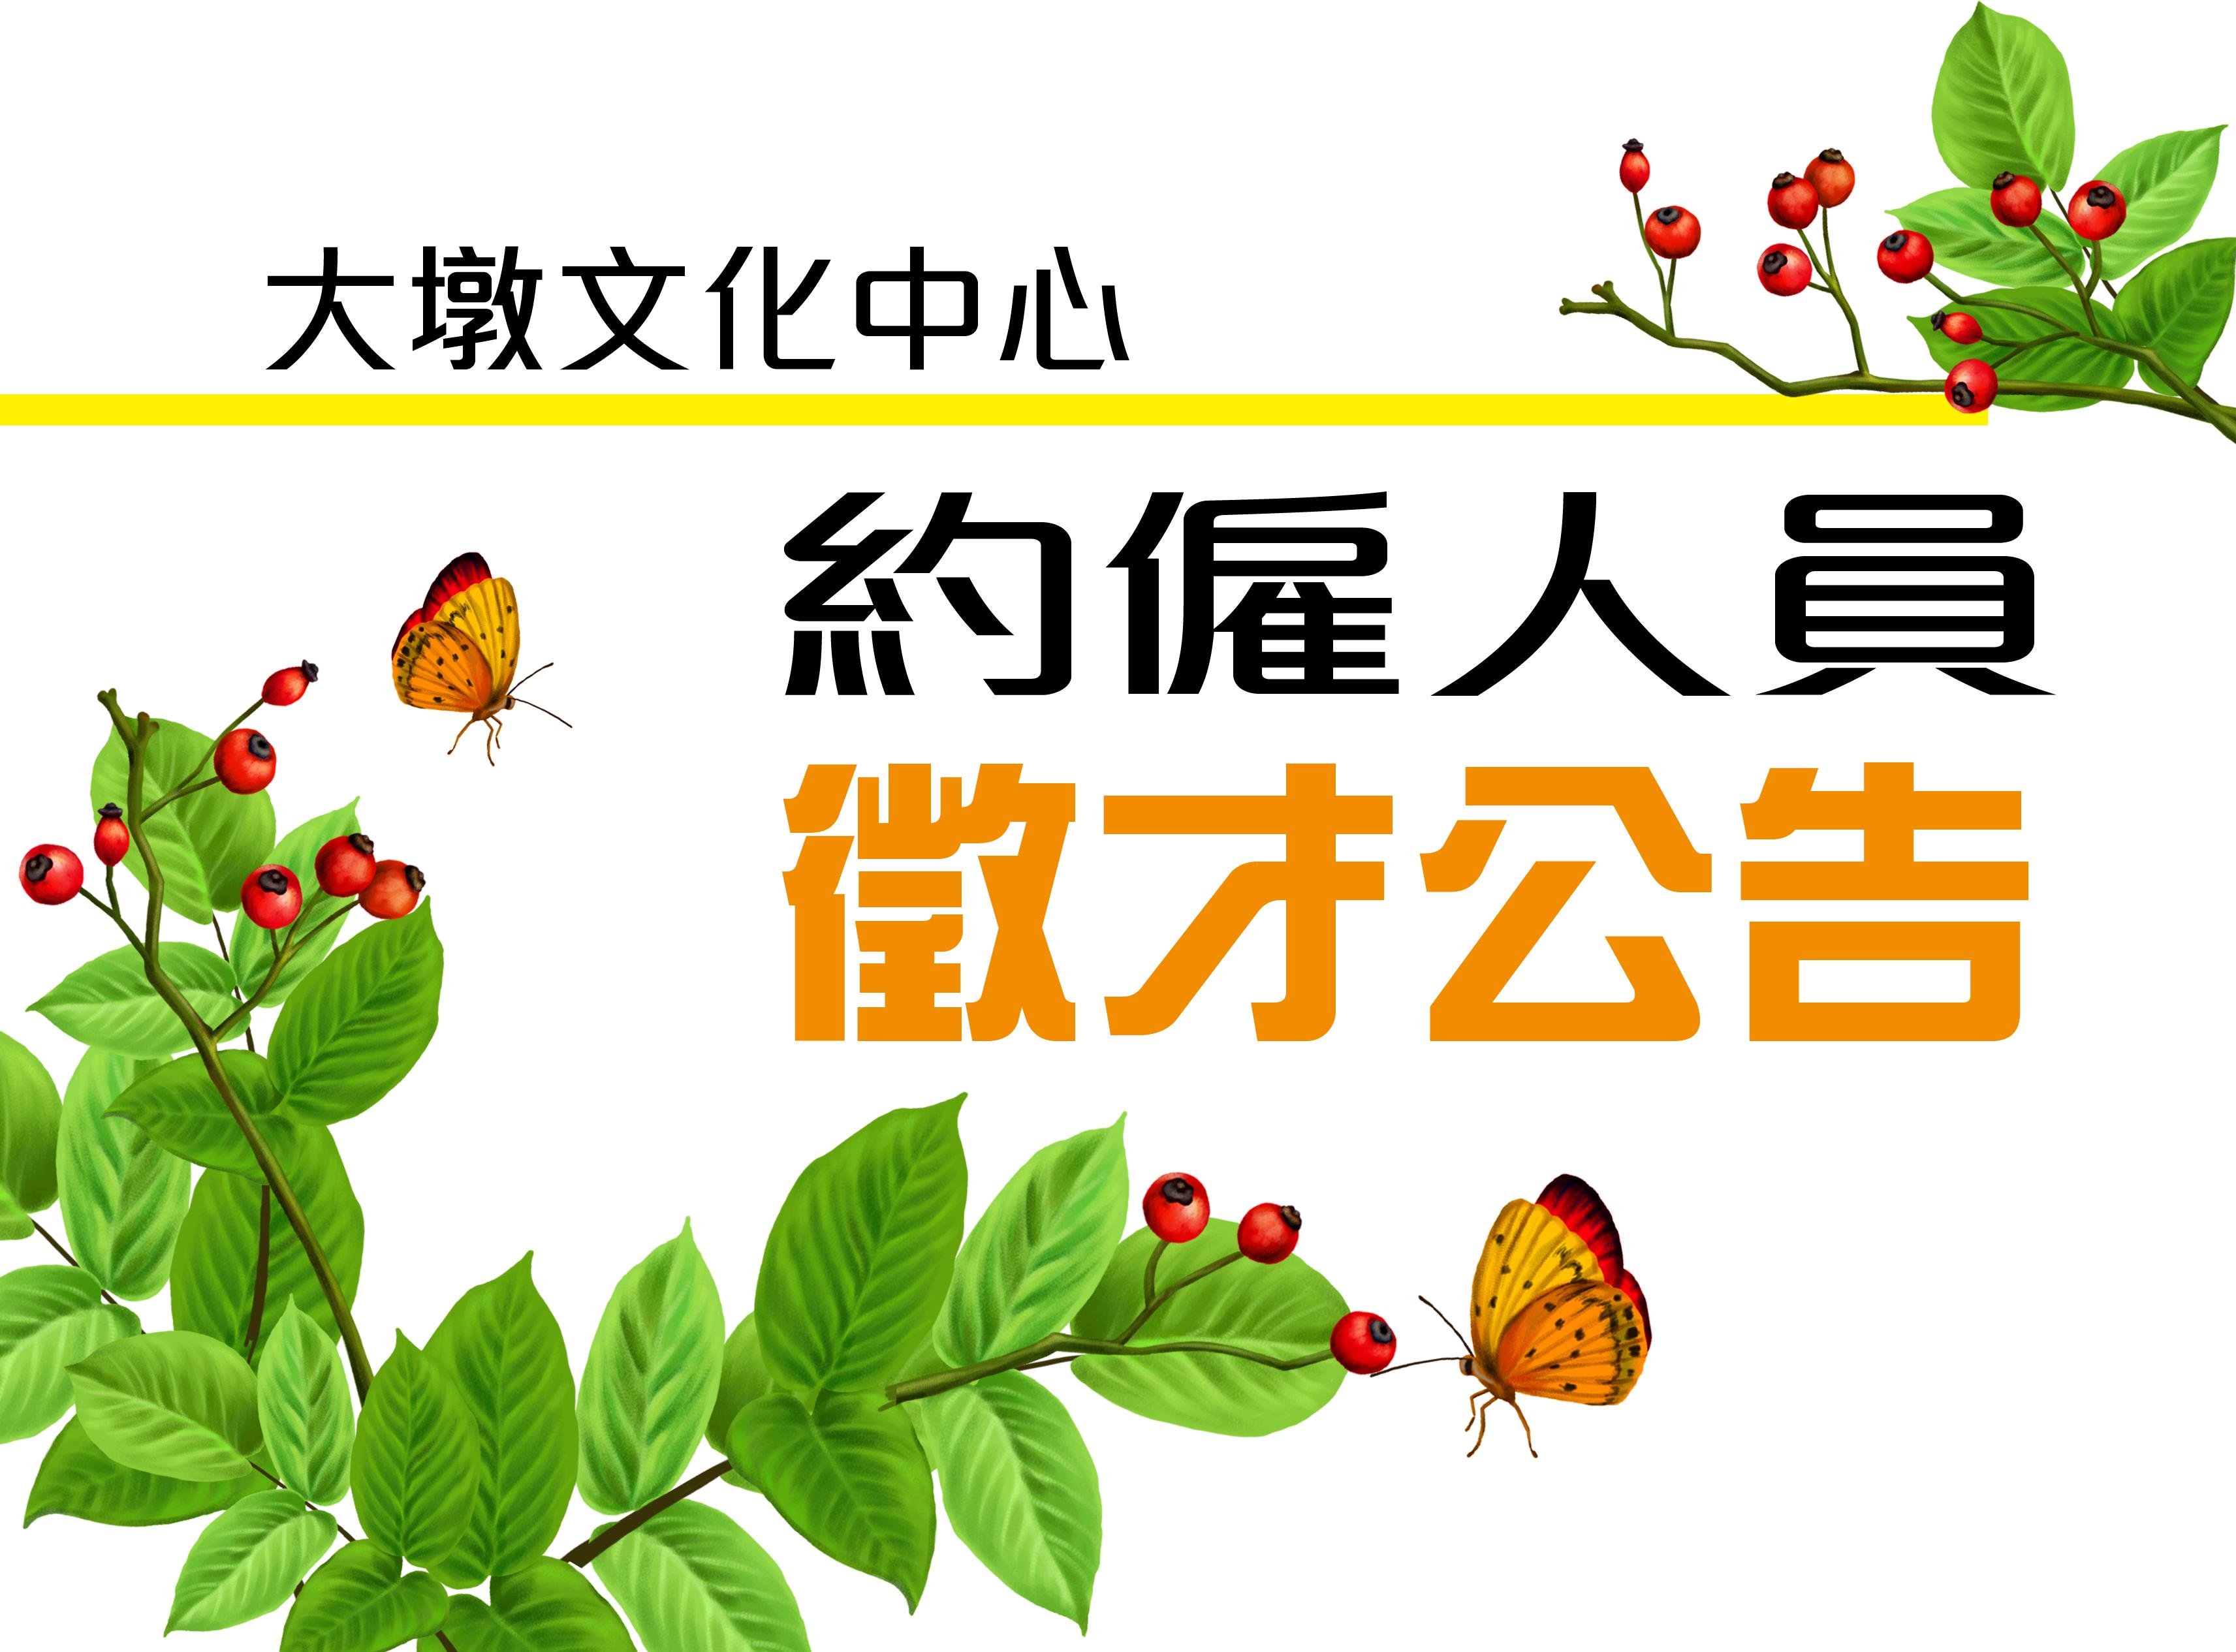 1080325-網頁橫式banner-大墩約僱人員徵才公告.jpg